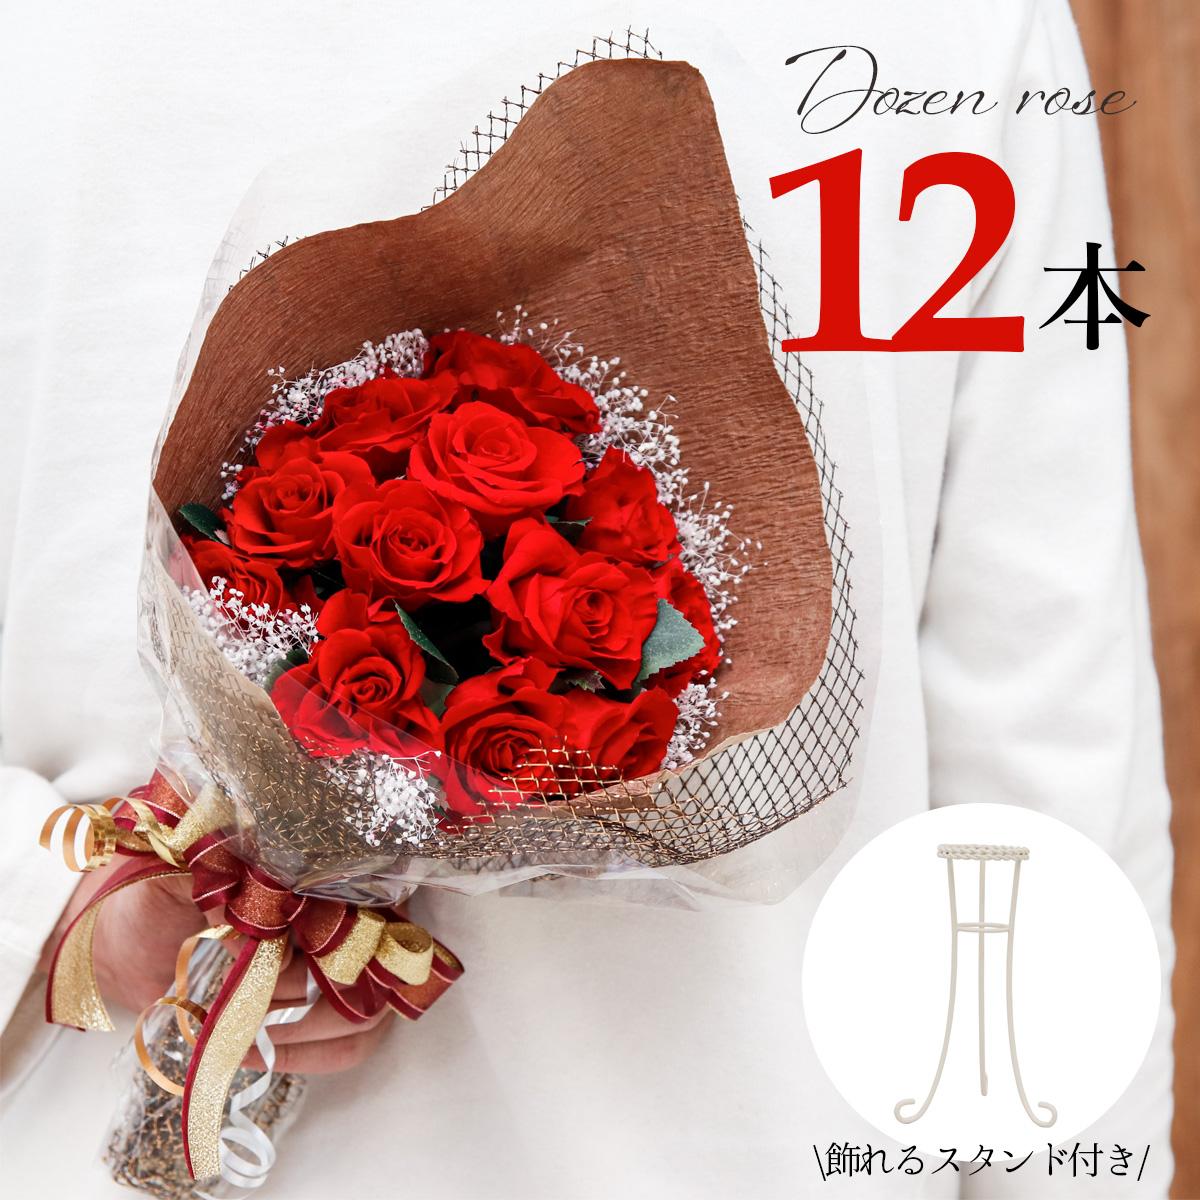 早く欲しい や お急ぎのギフト にも対応します 敬老の日 爆売りセール開催中 プレゼント プリザーブドフラワー バラ 12輪 12本 花束 スタンド付き ギフト 誕生日 ブーケ ダーズンローズ アリスフラワー ピンク 退職祝い 薔薇 大好評です プチ ブーケスタンド 還暦 通販 青いバラ 結婚祝い 花 贈り物 プロポーズ 玄関